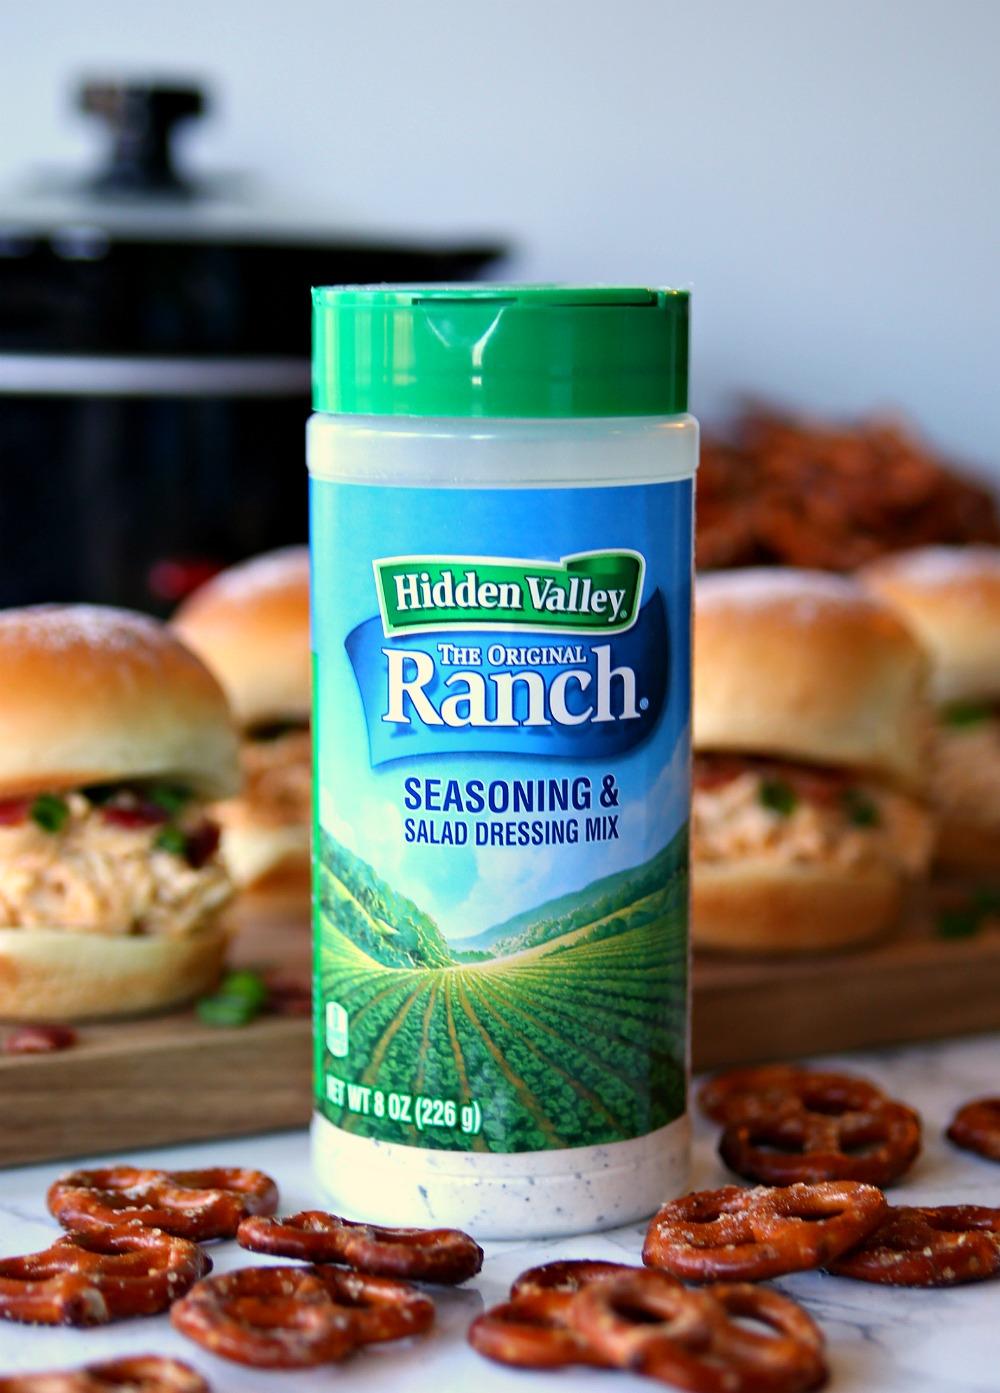 Hidden Valley Ranch Seasoning